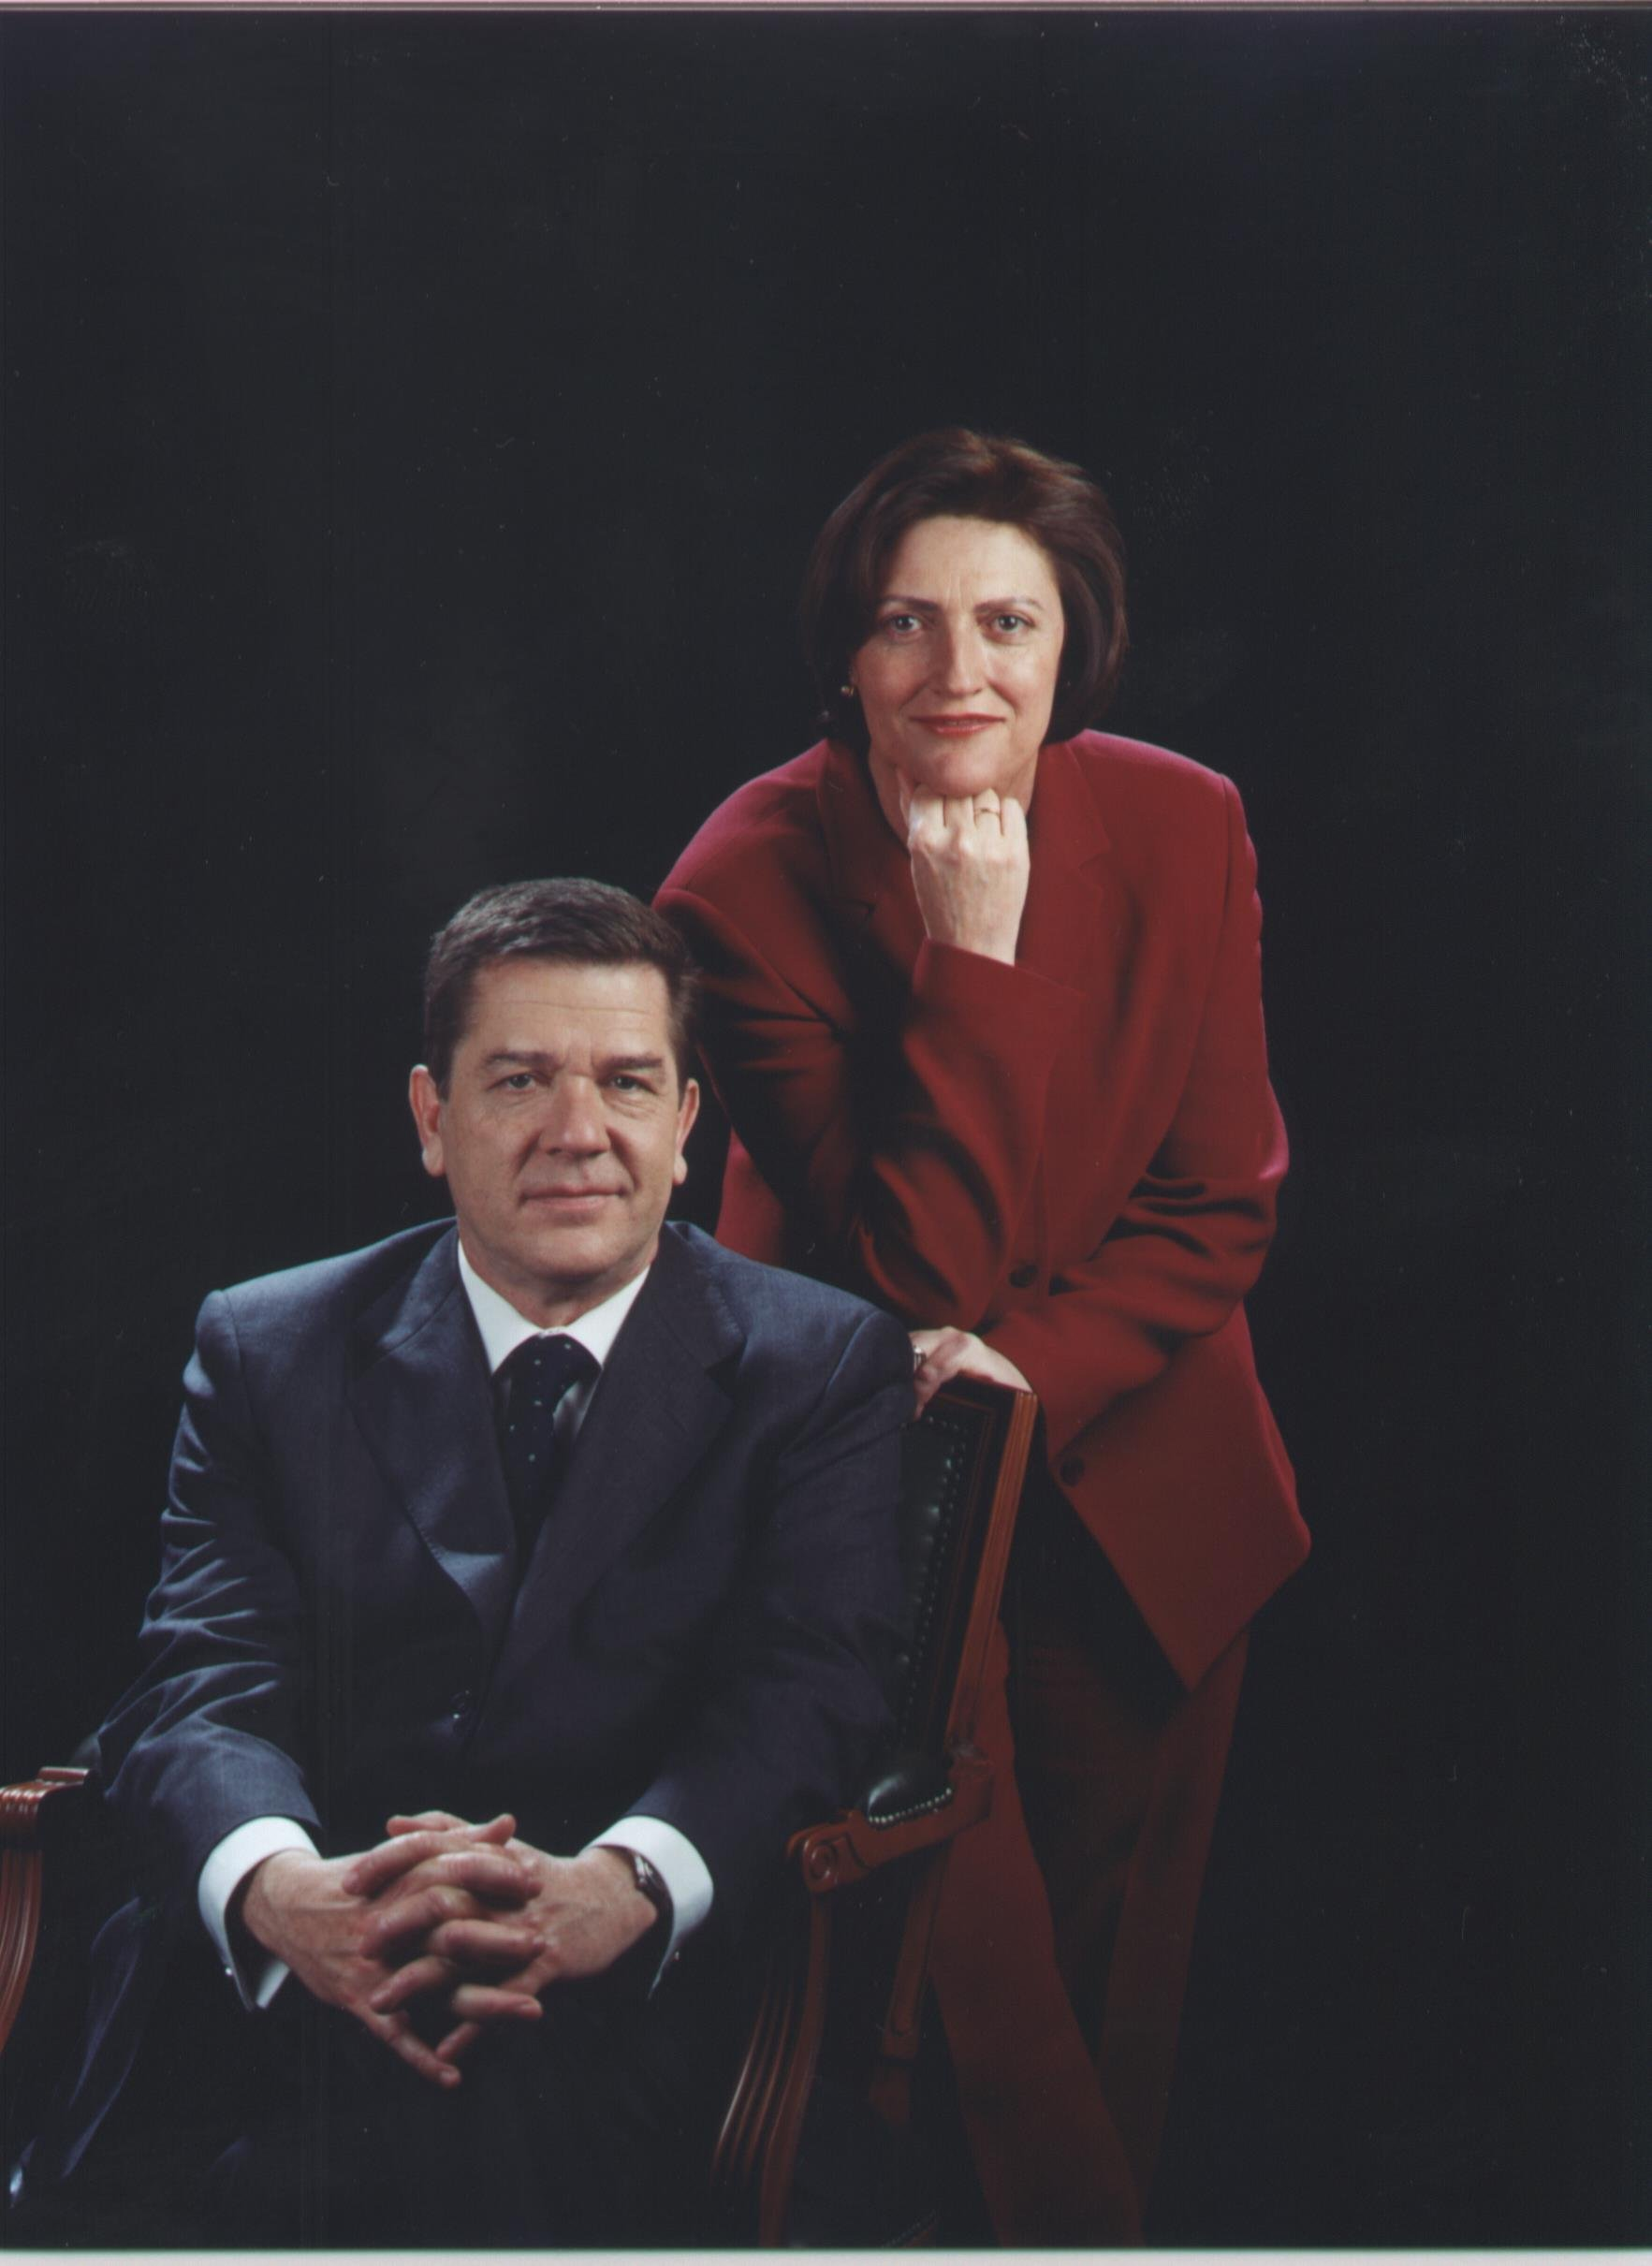 Sr. Rafael de Gispert i Sra. Maria Serrat Martín